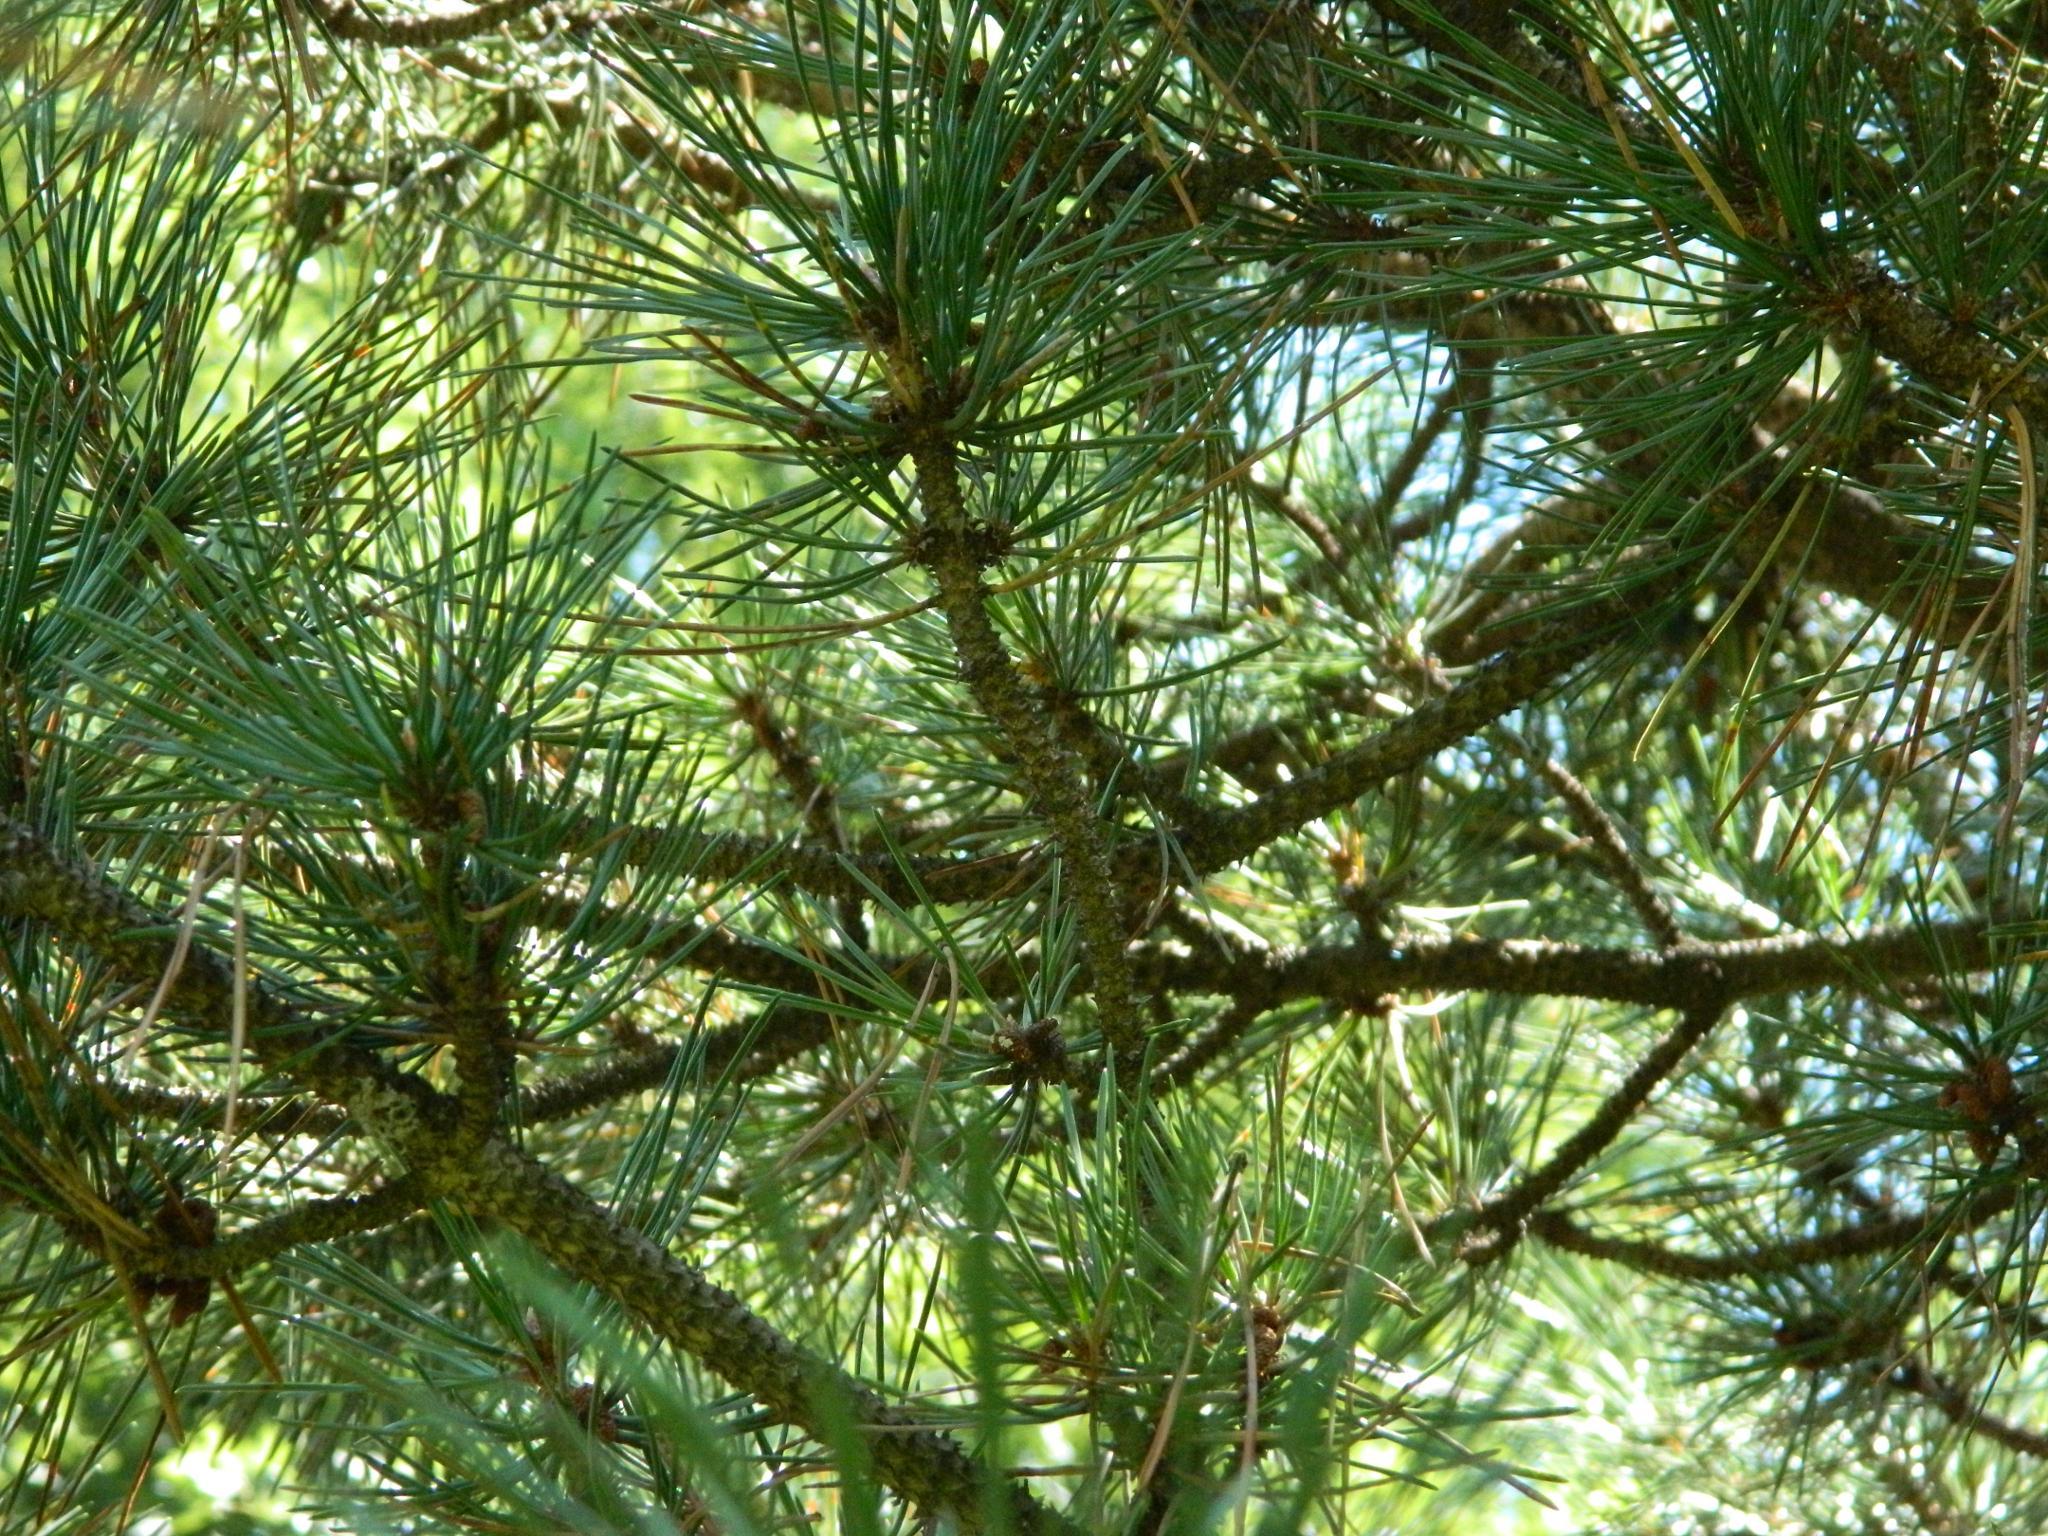 Pine by janet renee'